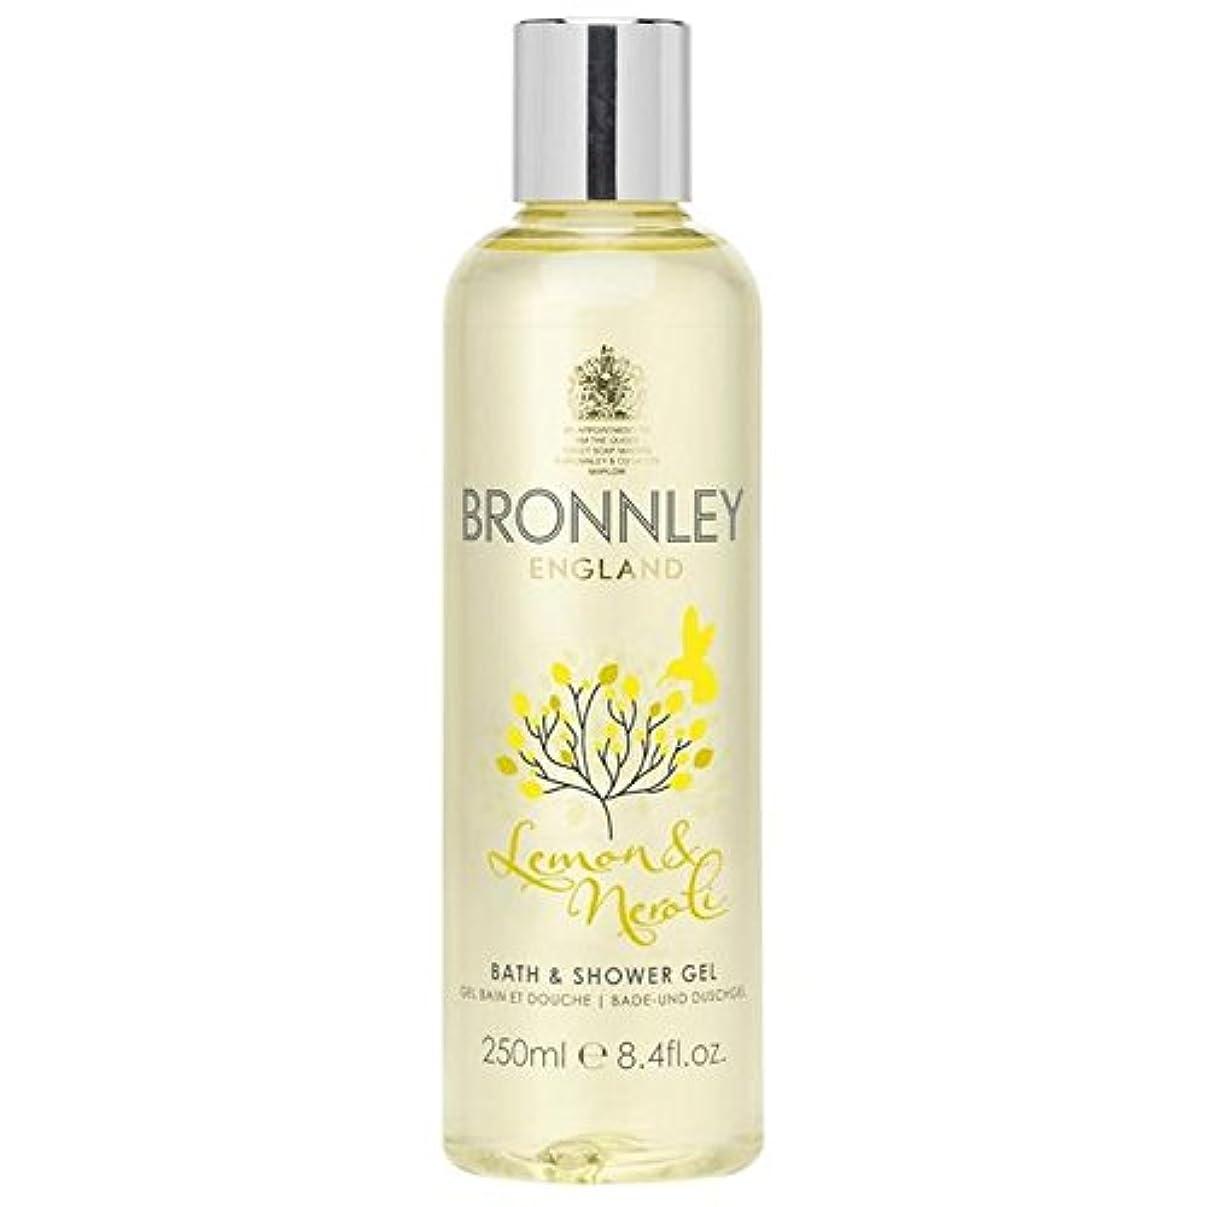 歩道漫画想像力豊かなレモン&ネロリバス&シャワージェル250ミリリットル x2 - Bronnley Lemon & Neroli Bath & Shower Gel 250ml (Pack of 2) [並行輸入品]